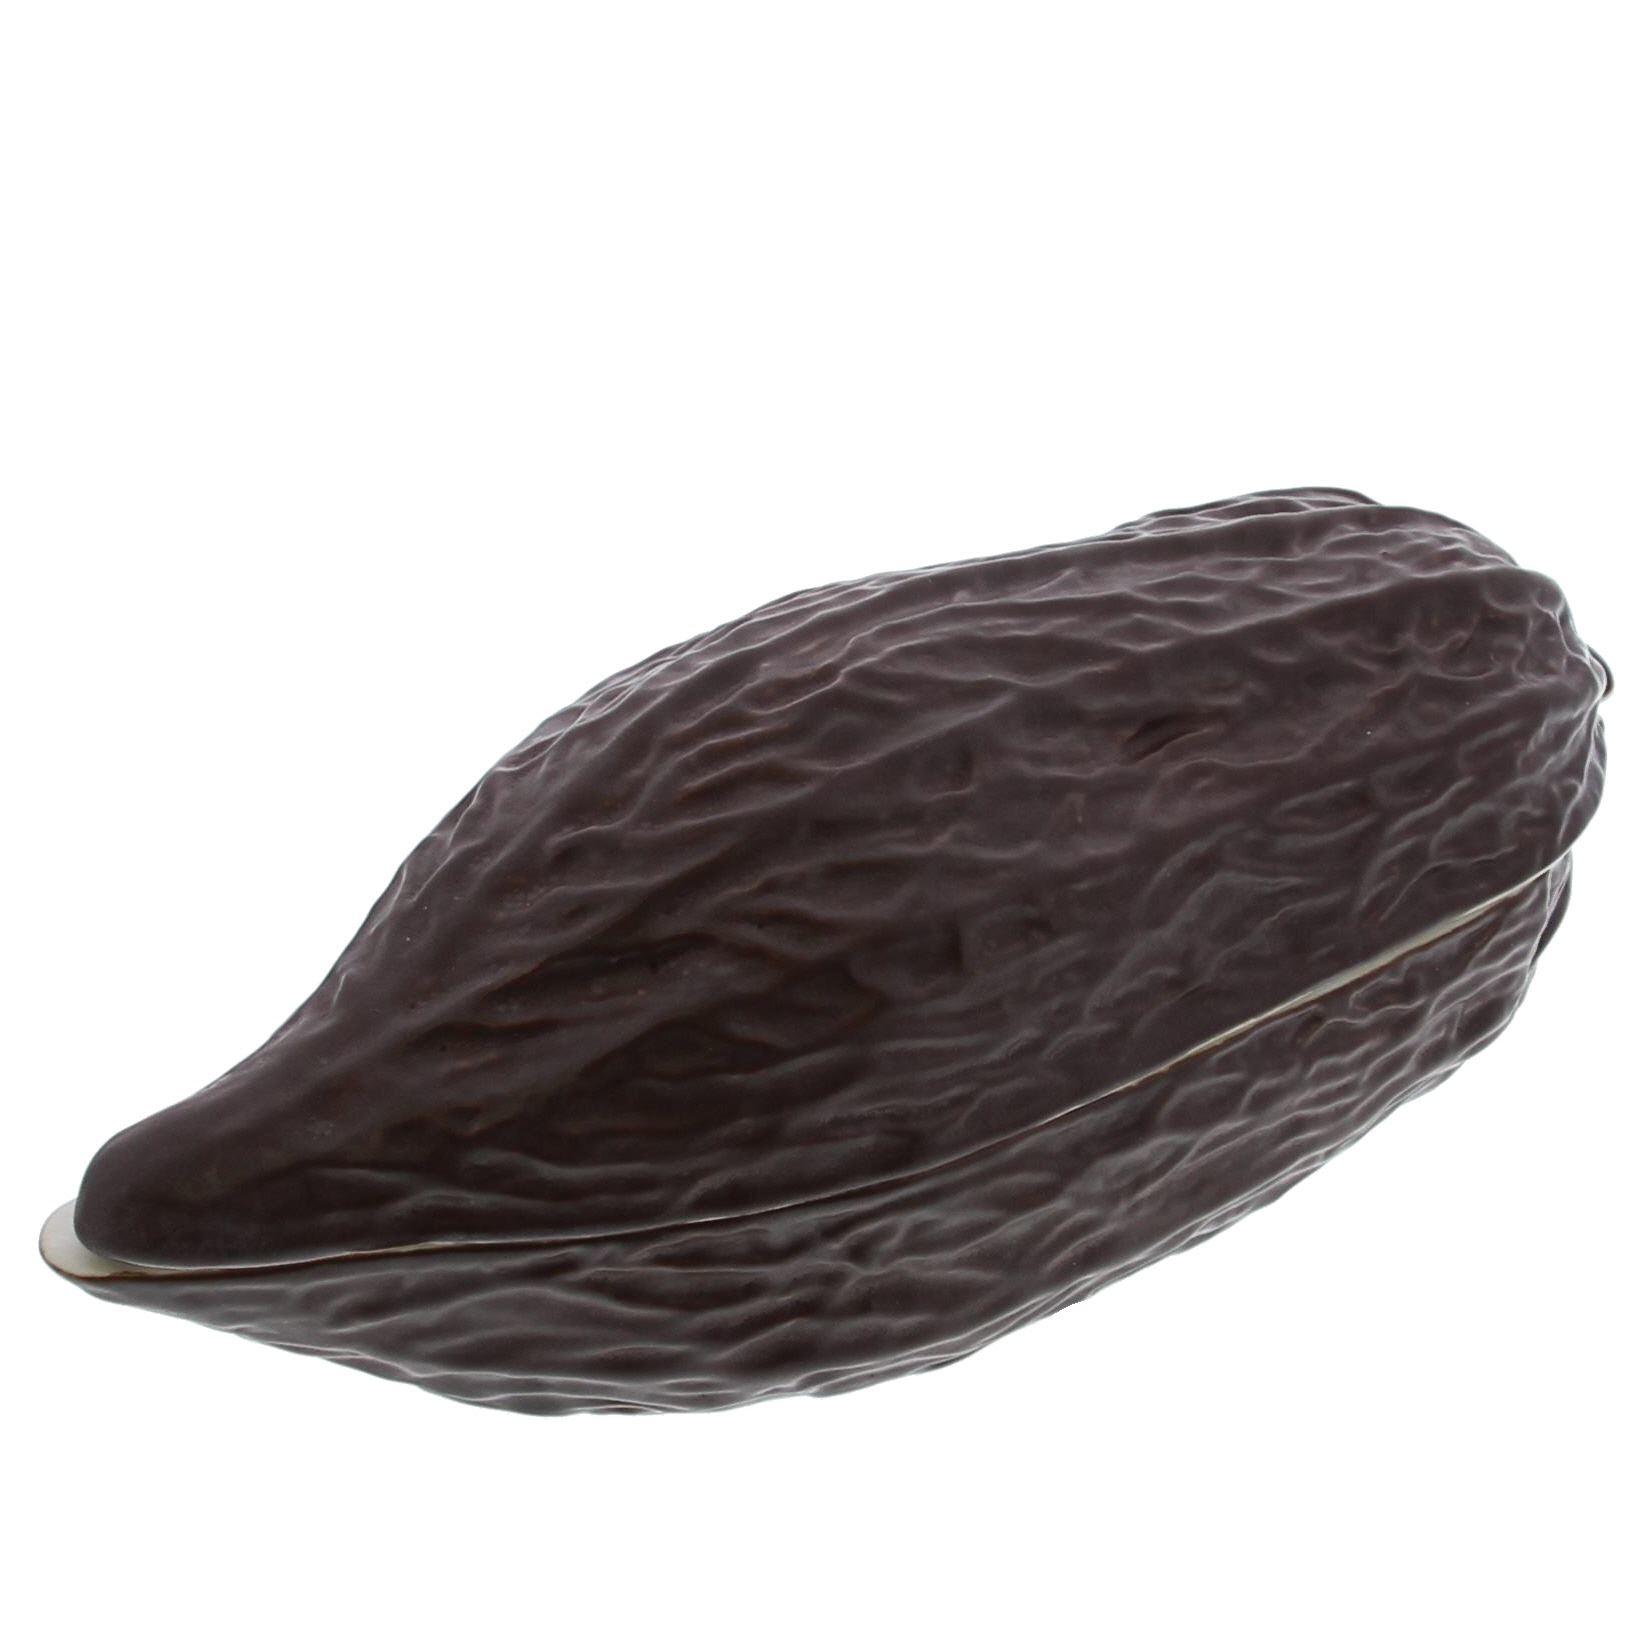 Caja de caramelos de cacao - obtenible en 2 tamaños